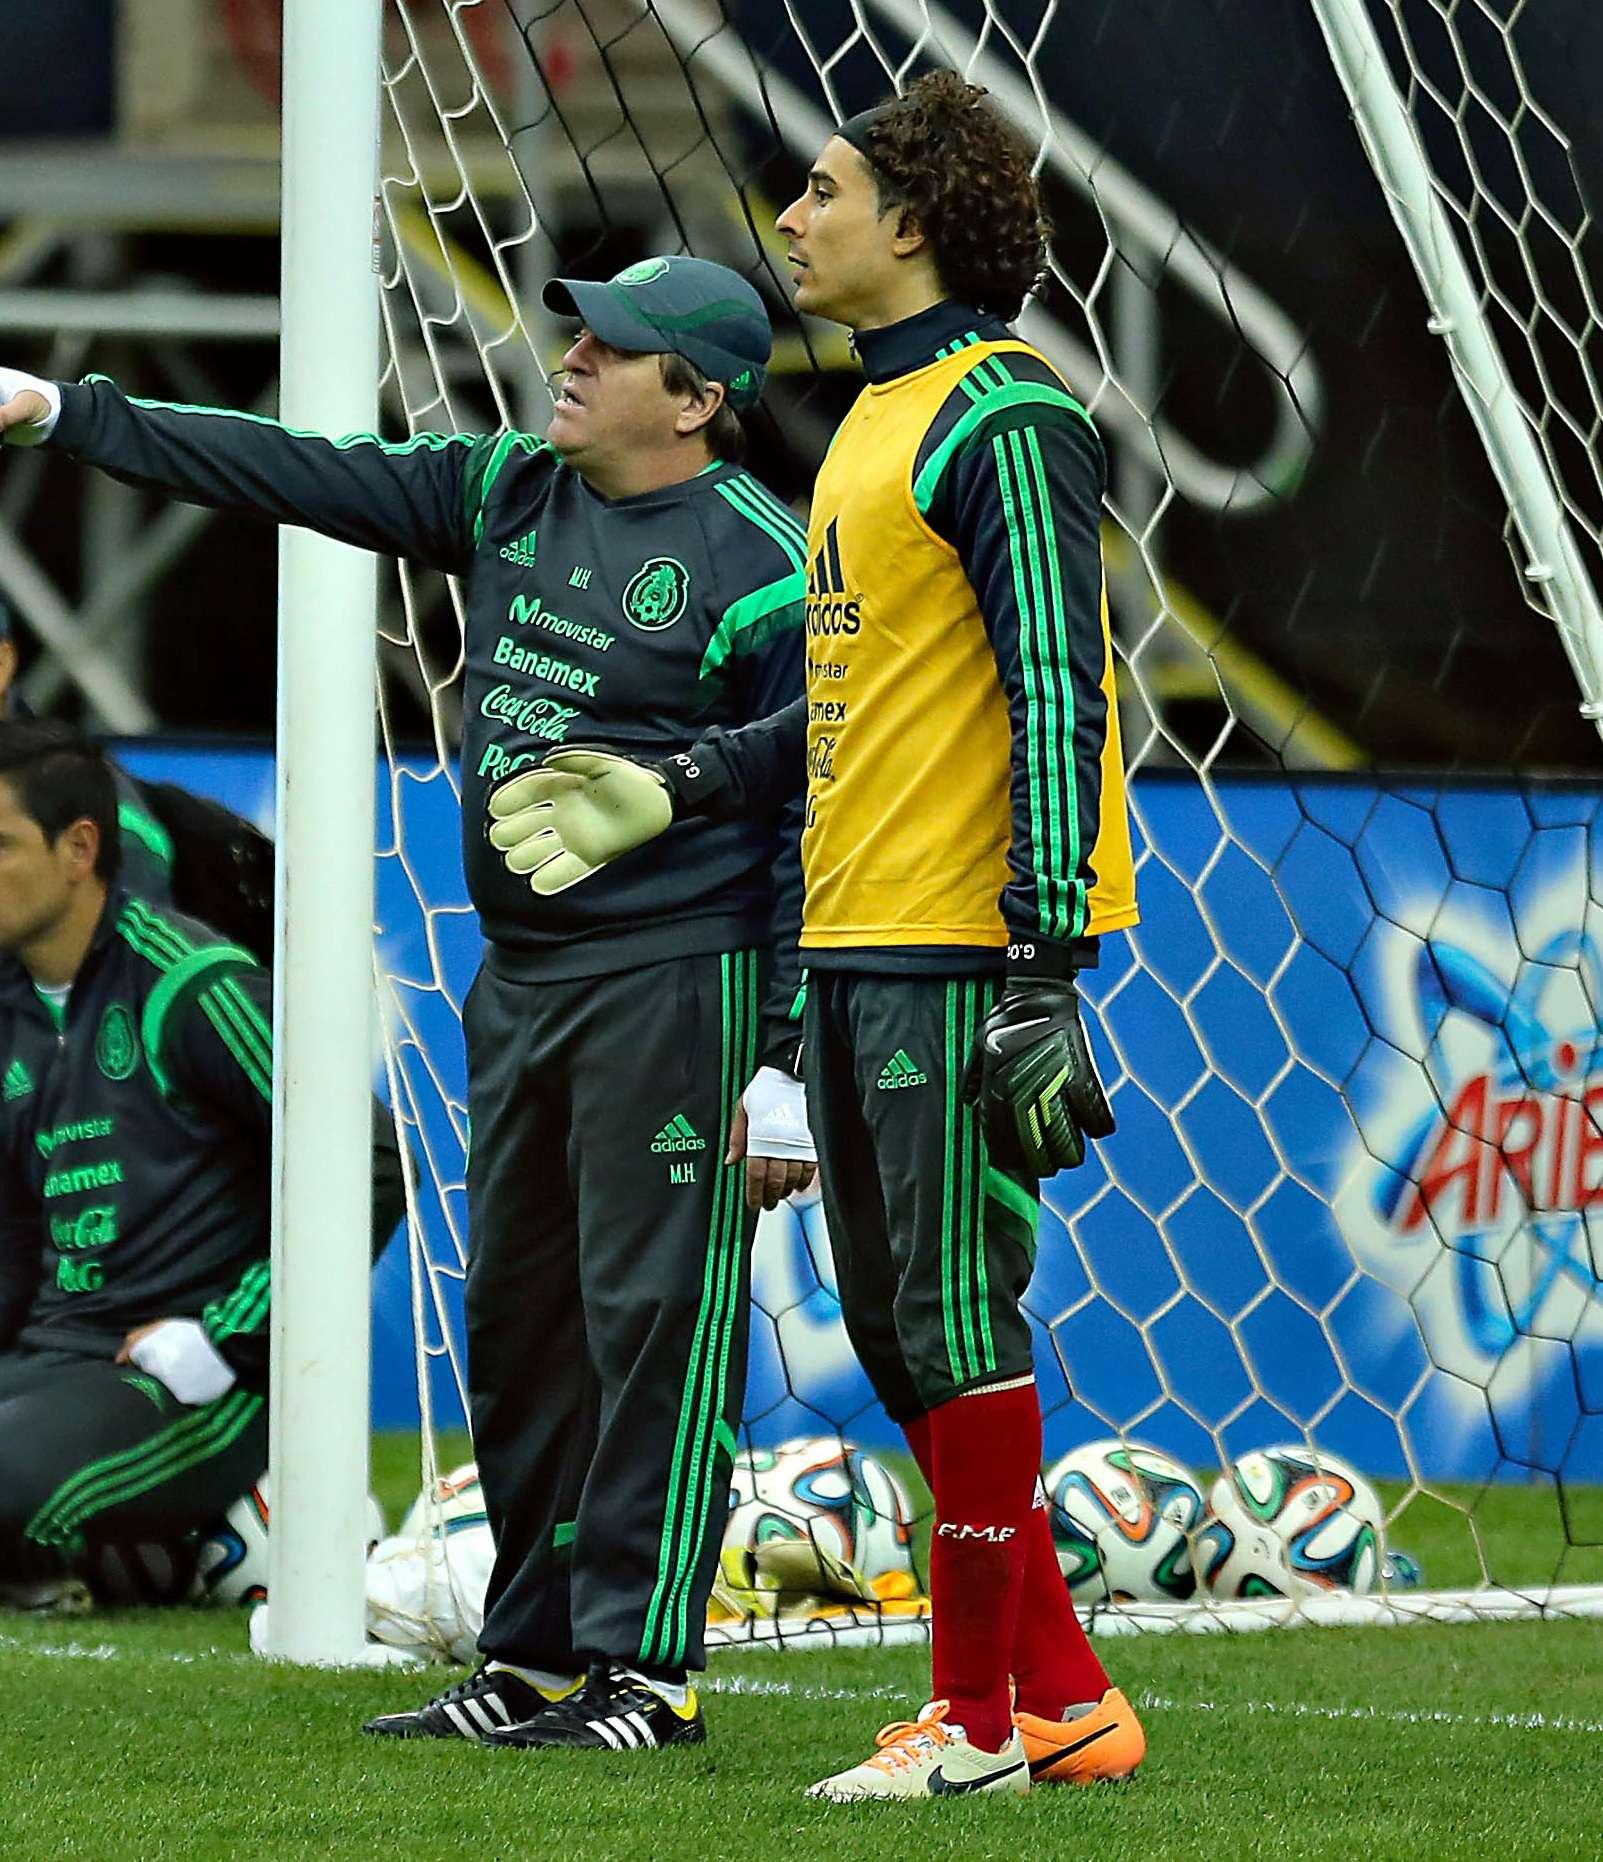 Guillermo Ochoa mantiene la confianza de Miguel Herrera, pese a tener poca actividad en la Selección. Foto: Imago7